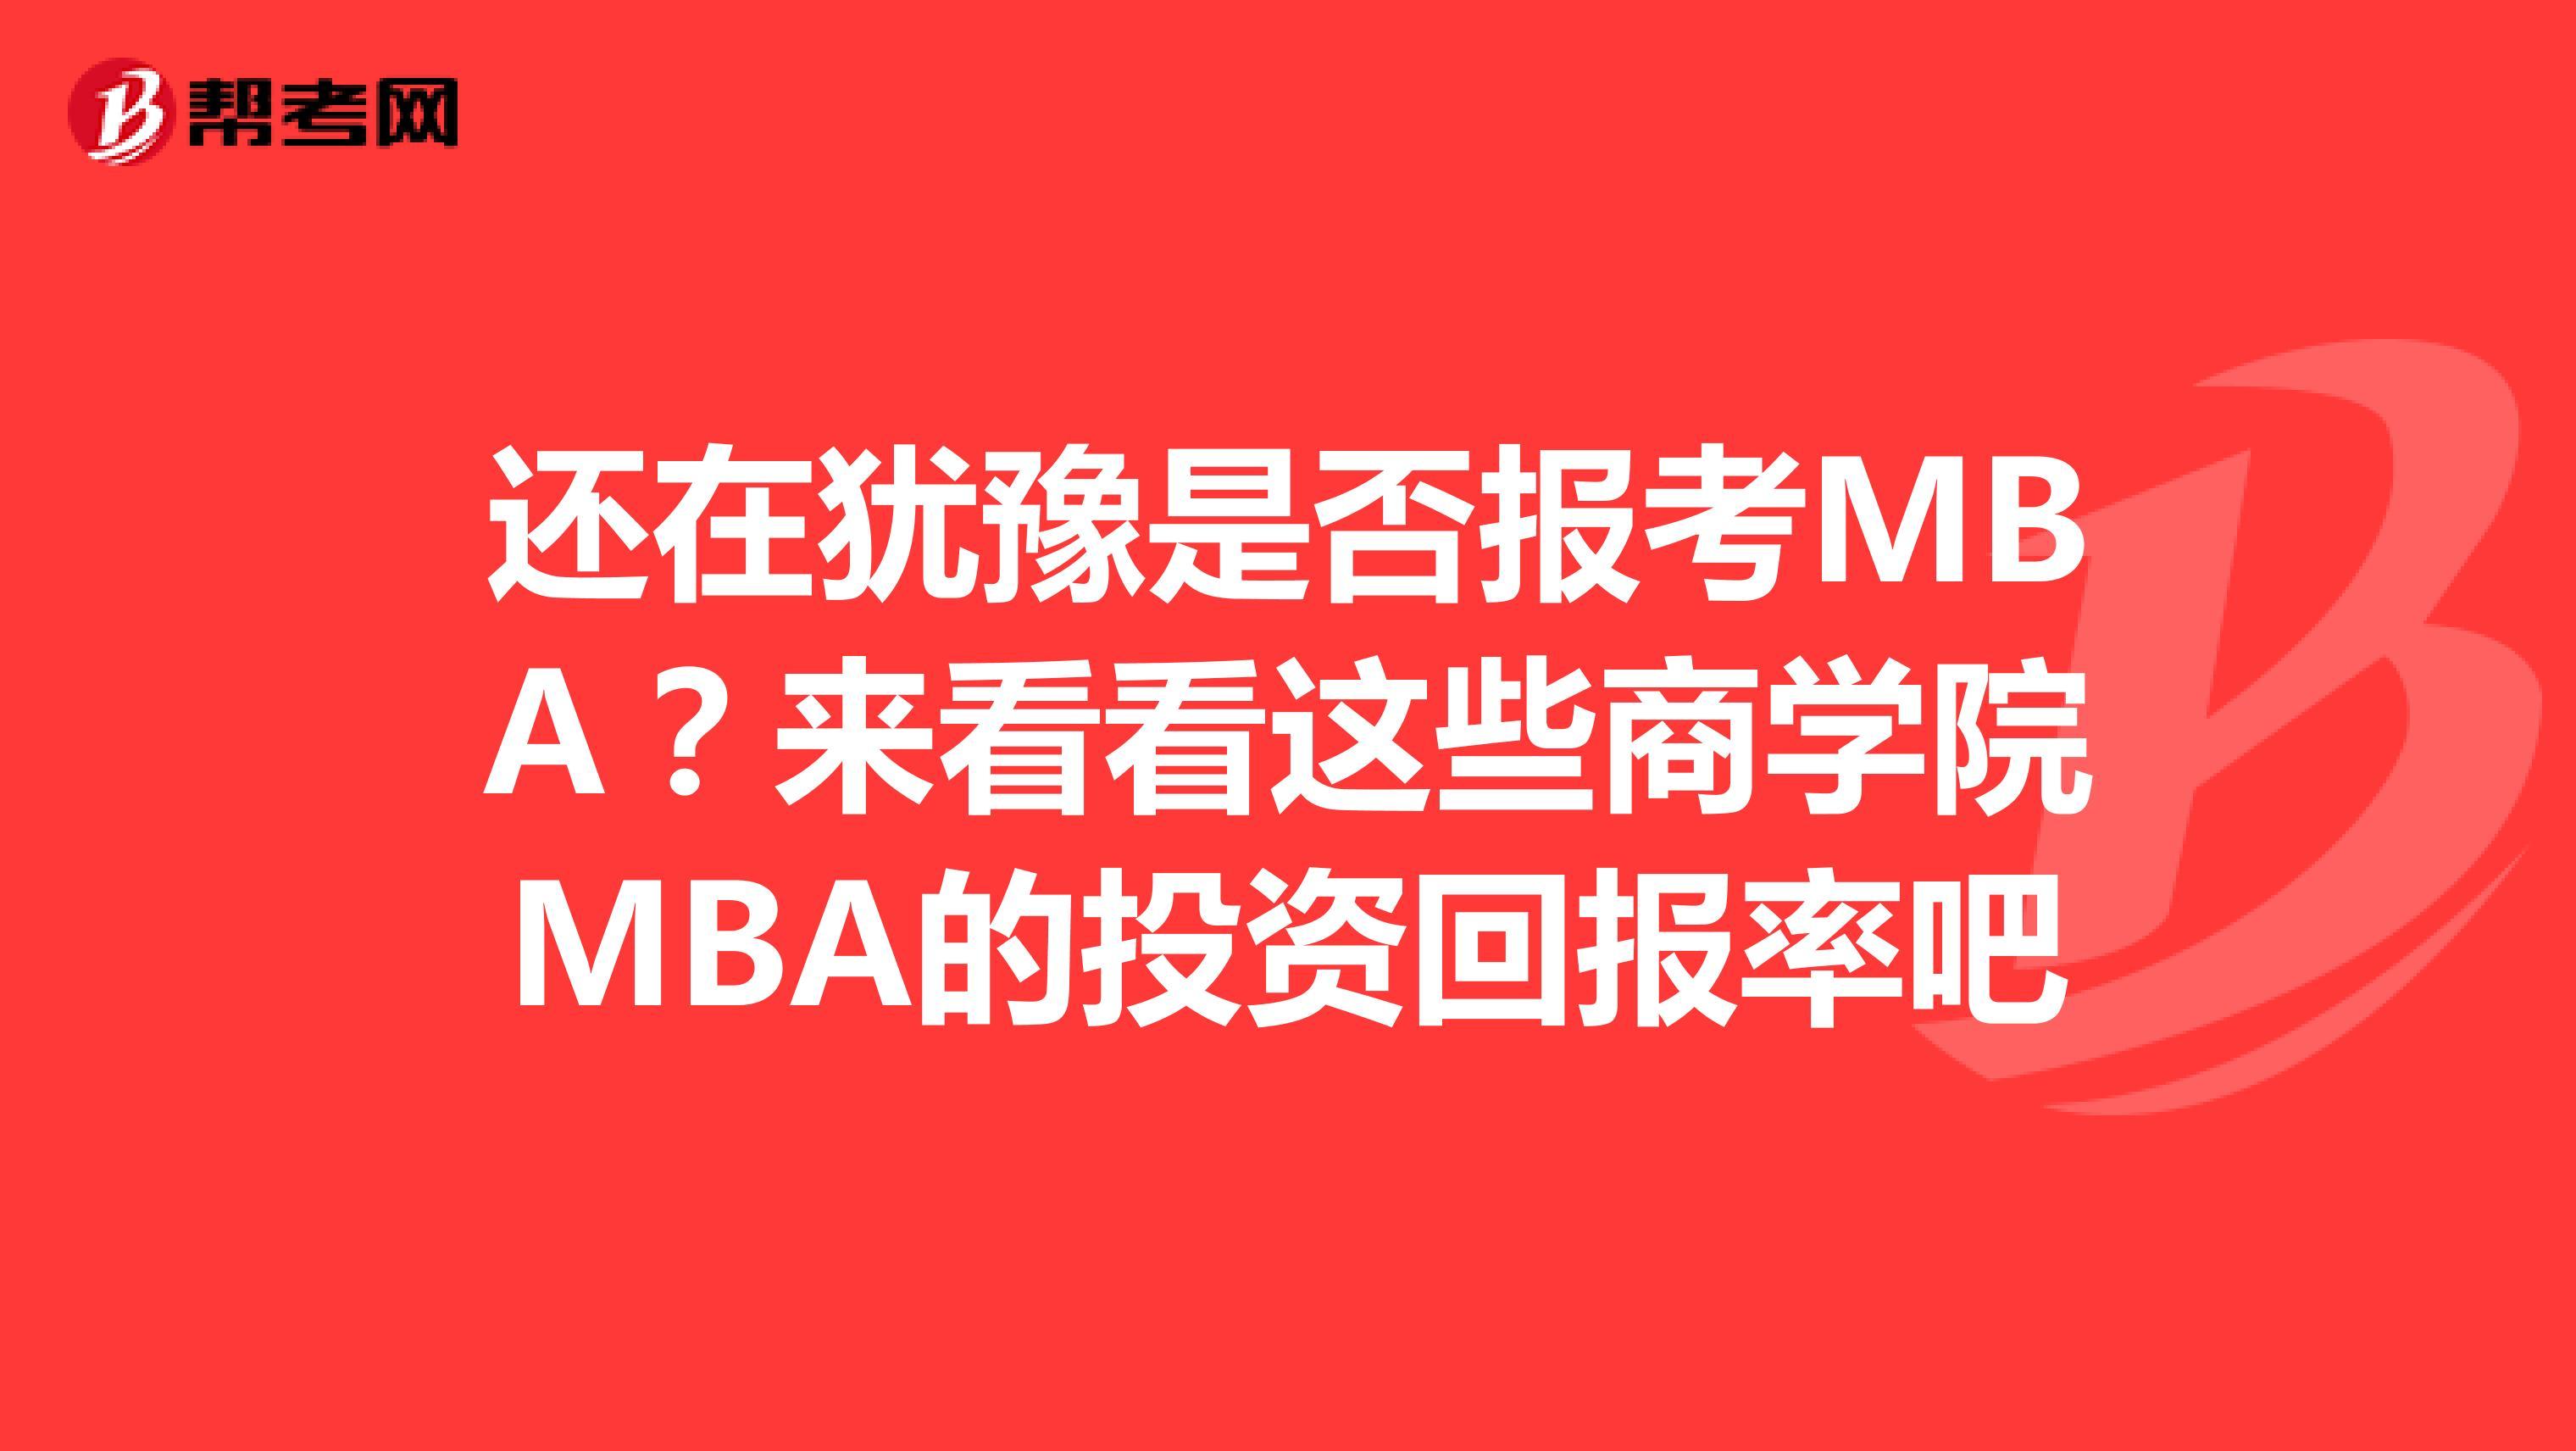 还在犹豫是否报考MBA?来看看这些商学院MBA的投资回报率吧